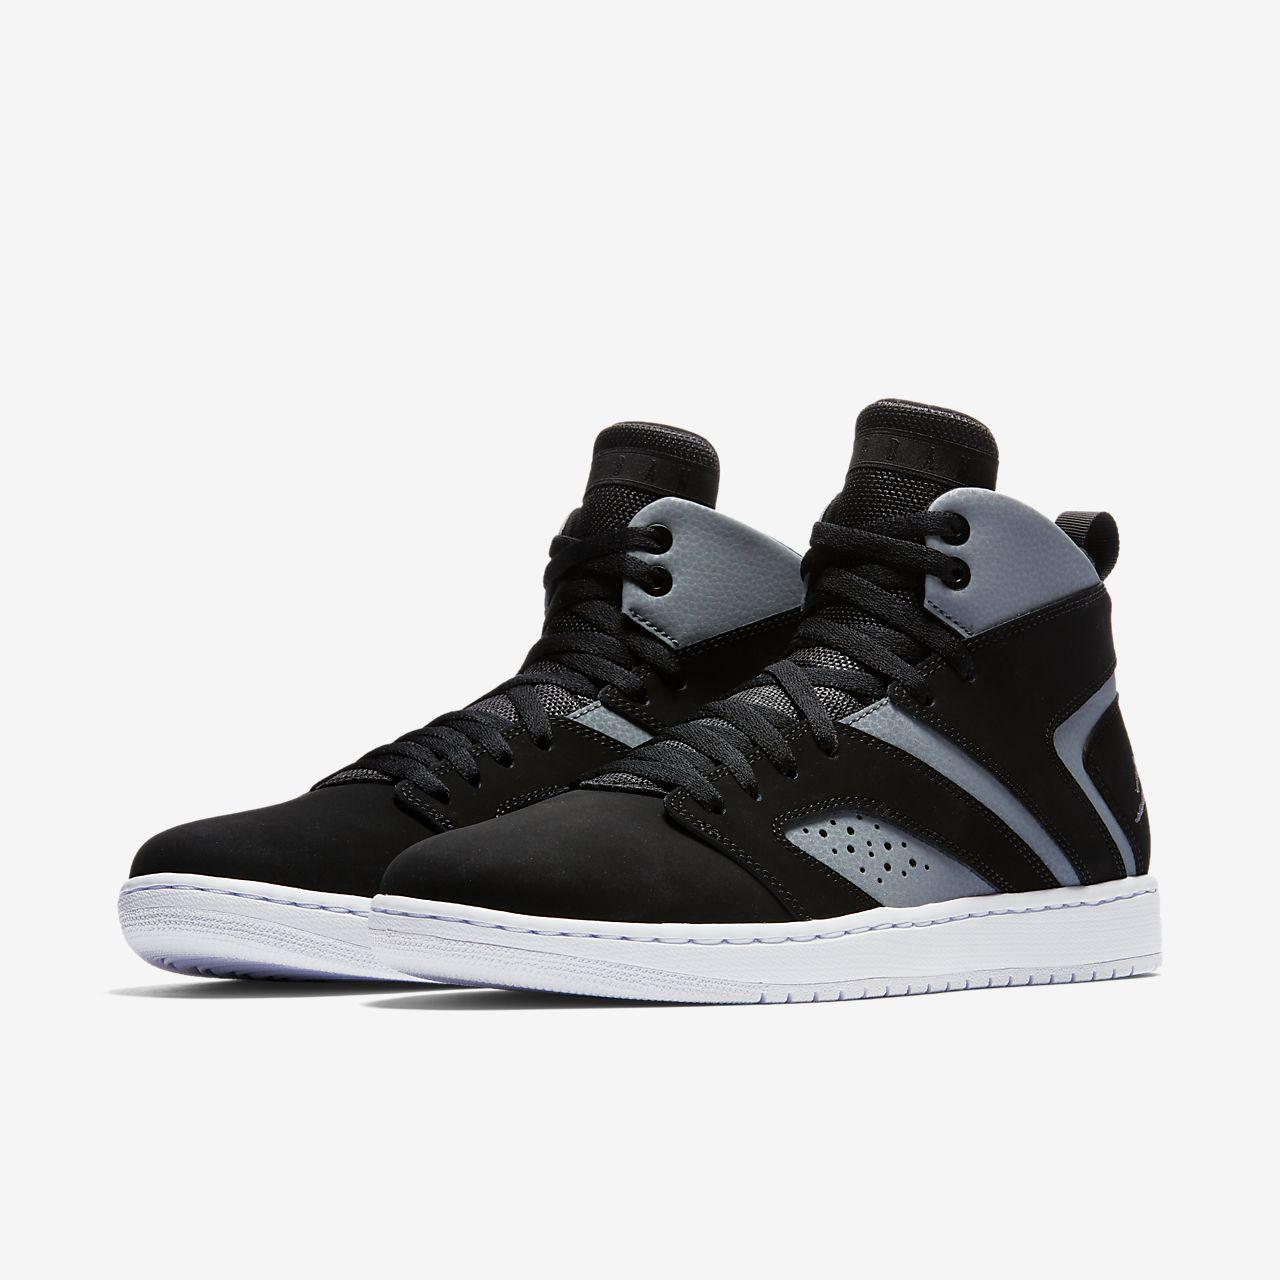 00d52a12485f2f Jordan Flight Legend Men s Shoe. Nike.com EG